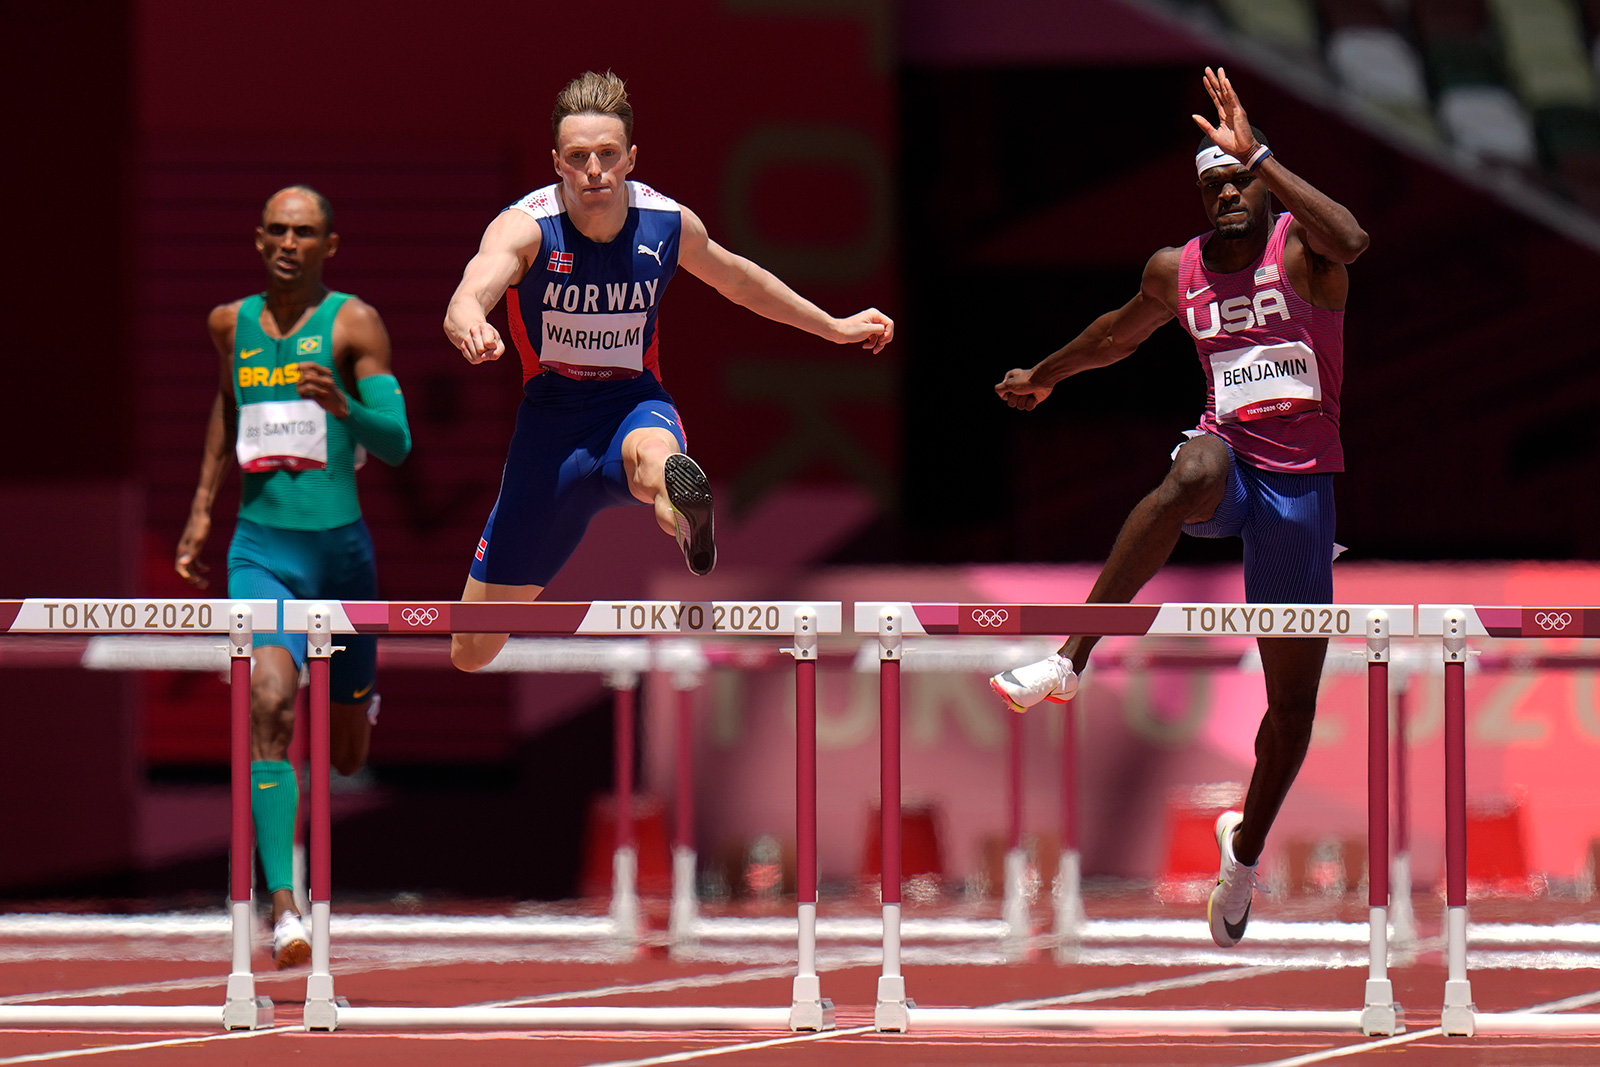 Norway's Karsten Warholm leads in the 400 meters hurdles final on Tuesday.